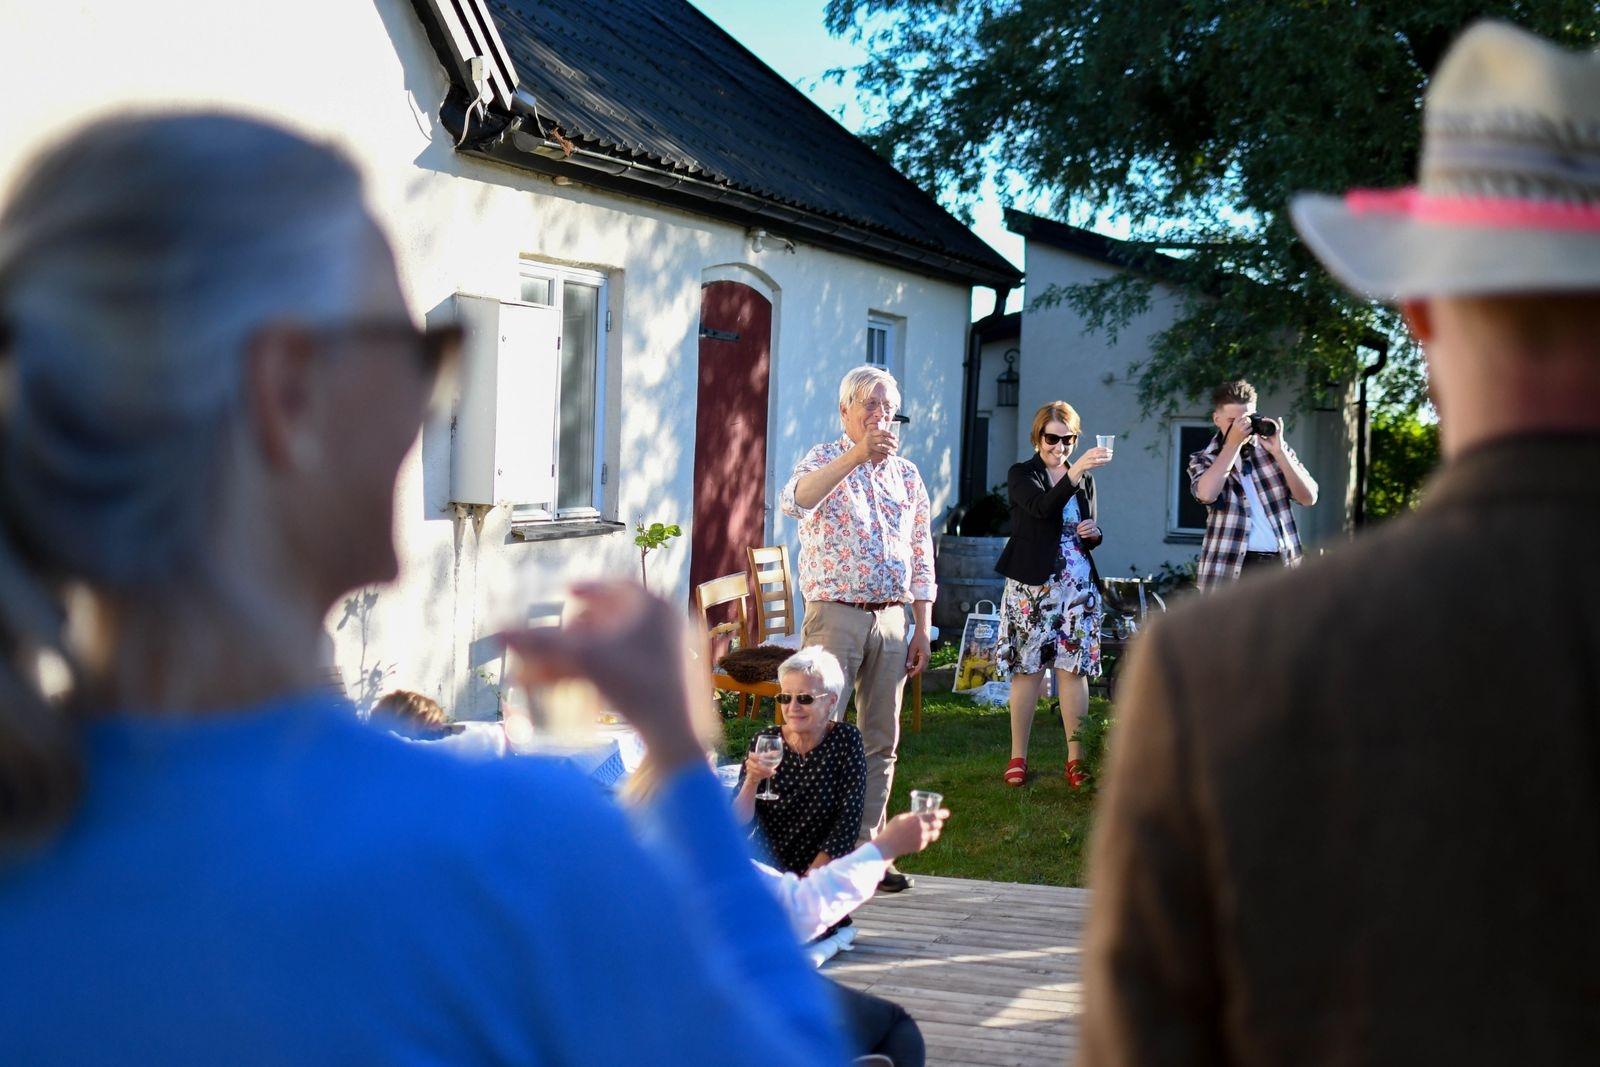 Åke Andrén-Sandberg, läkare på vårdcentralen och initiativtagare till hyllningsfesten, skålade för sina gäster.